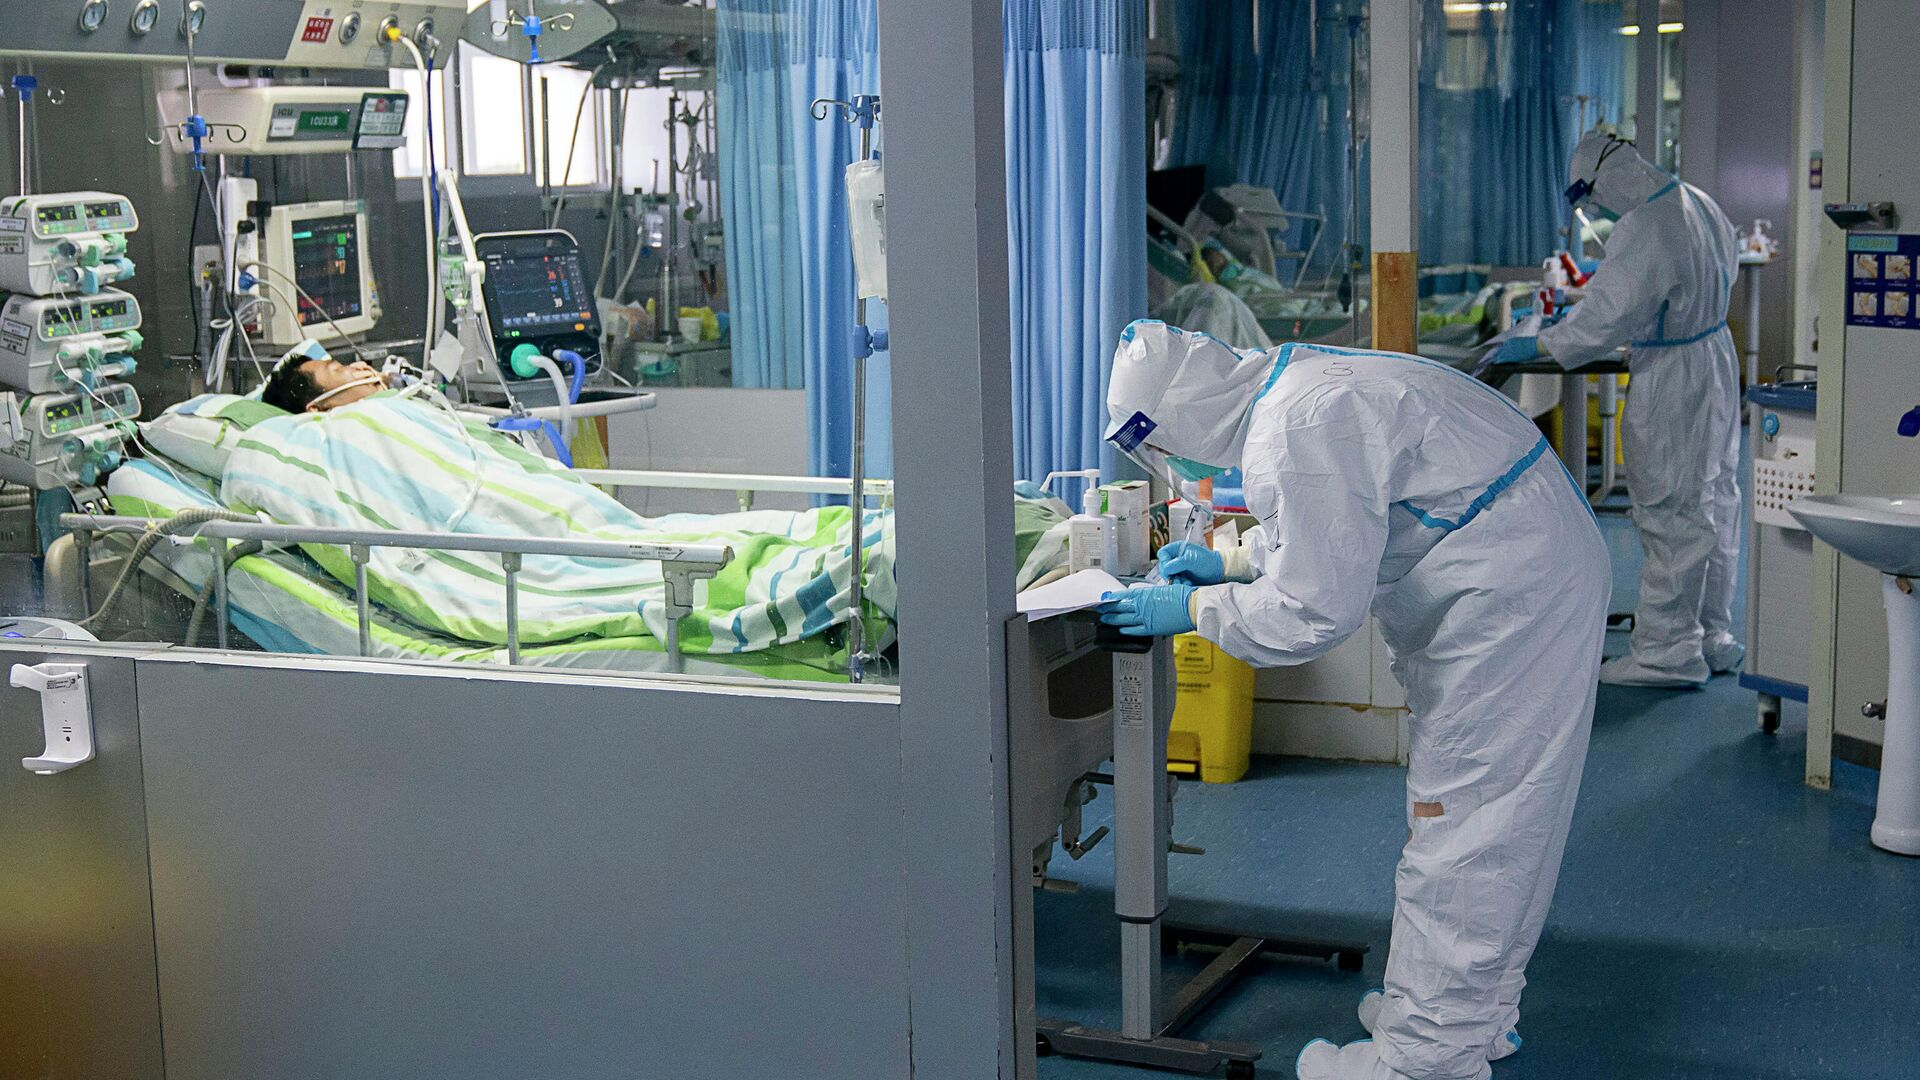 Медицинские работники и пациенты в палате интенсивной терапии в больнице города Ухань, КНР - РИА Новости, 1920, 30.08.2021